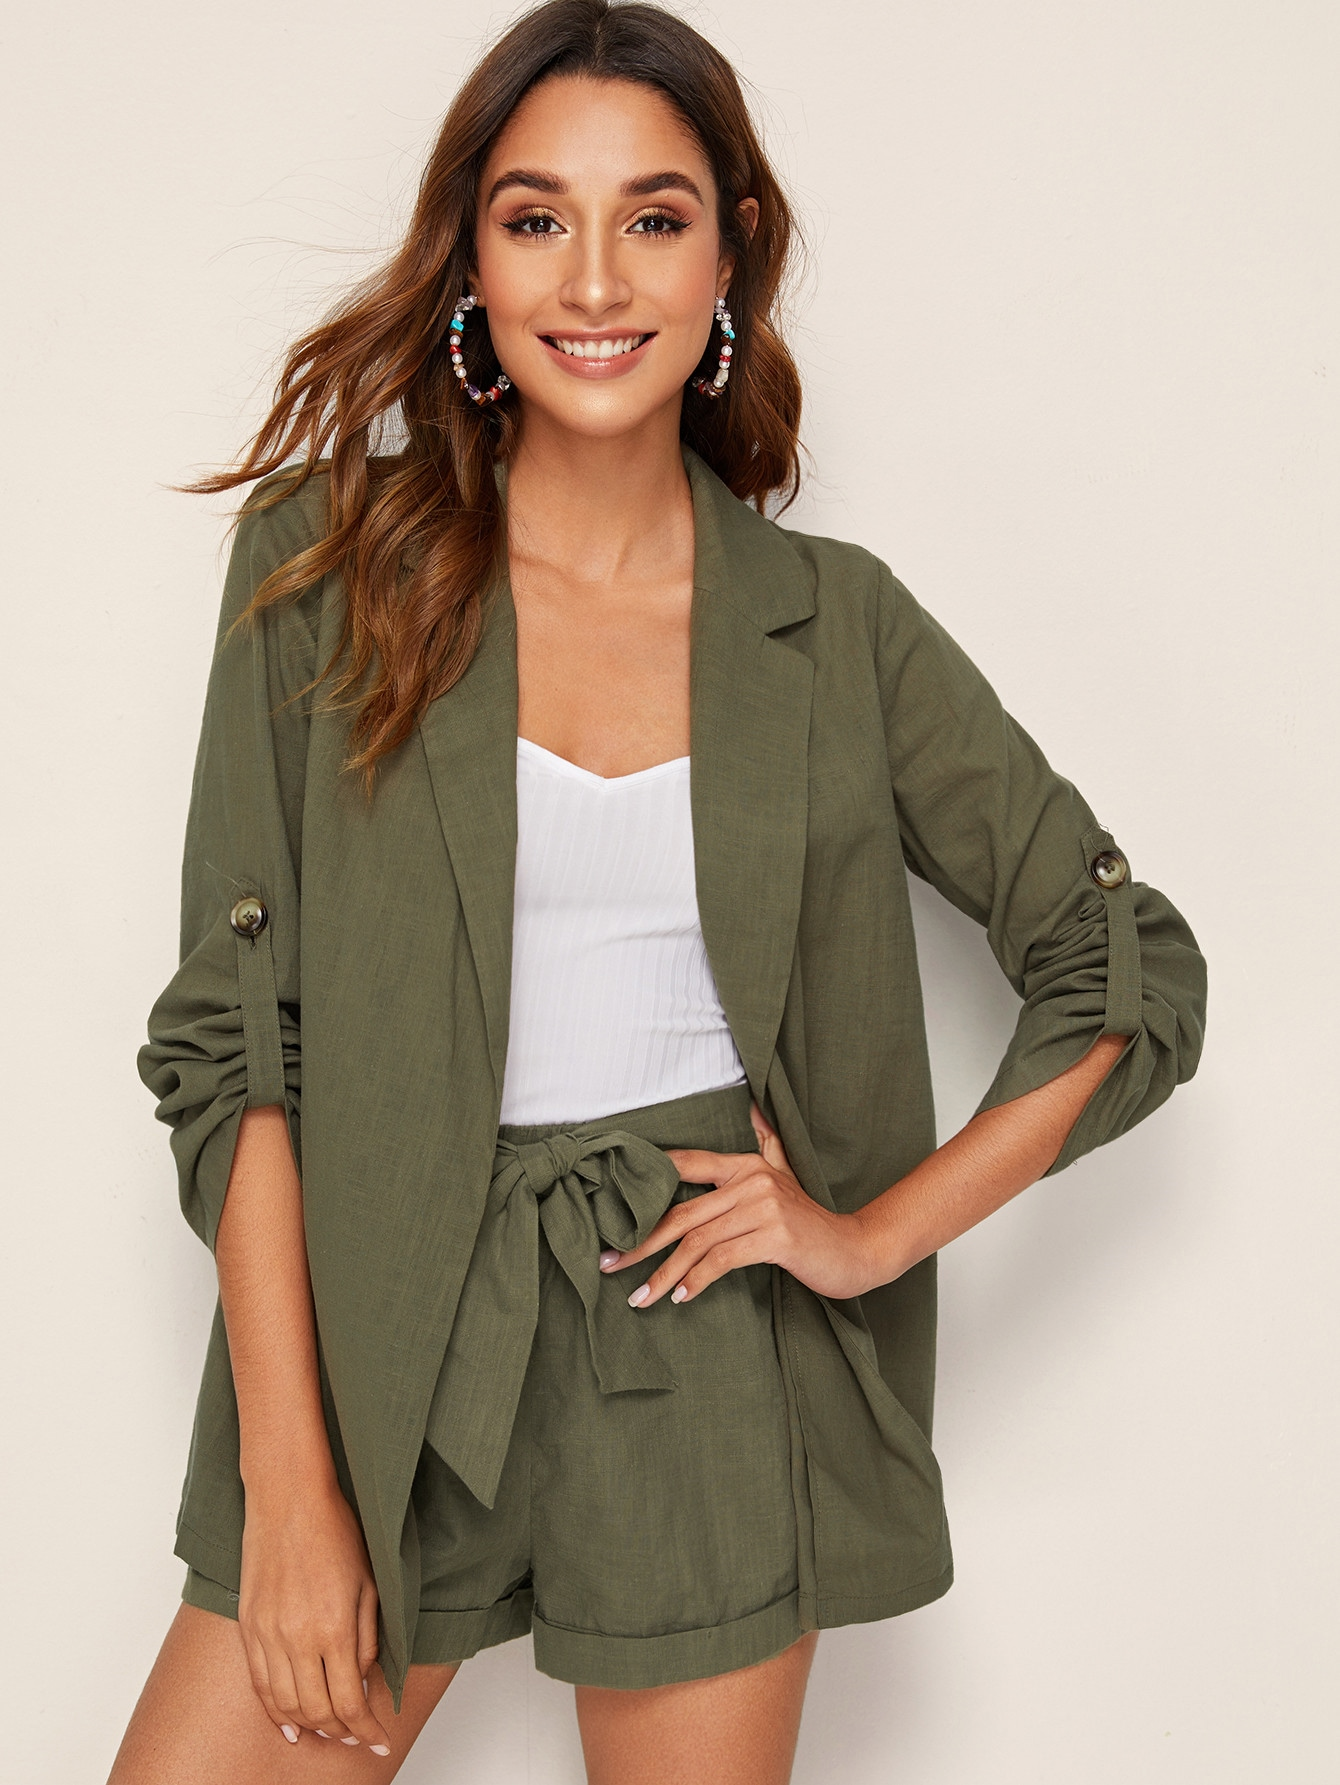 Фото - Стильный пиджак с оригинальным рукавом от SheIn цвет цвета хаки